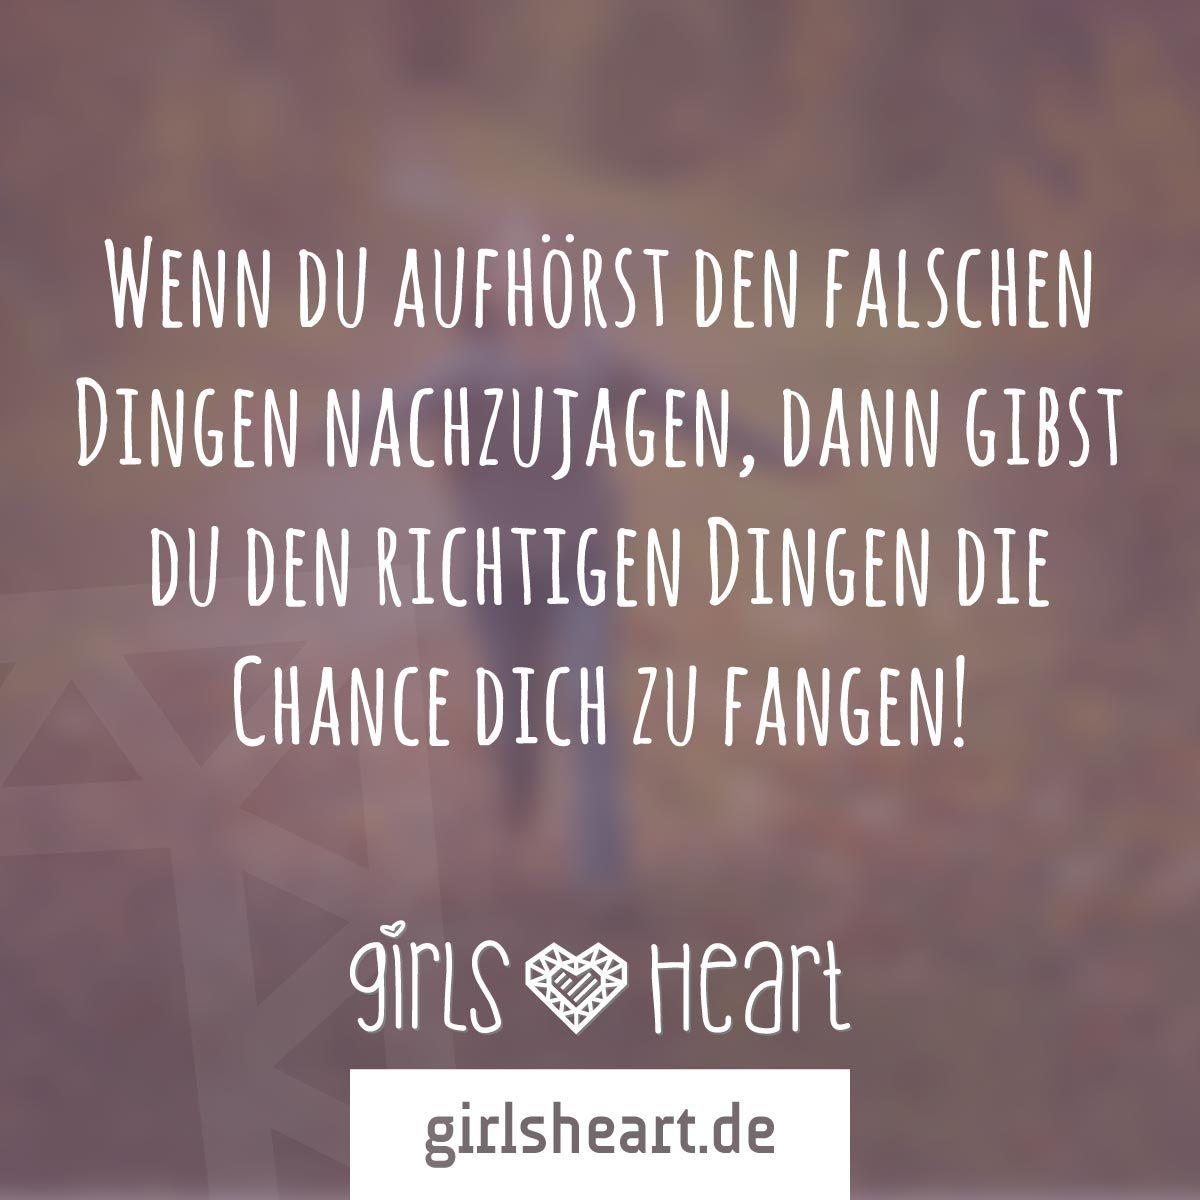 sprüche leben liebe Mehr Sprüche auf: .girlsheart.de #ziele #chancen #leben #liebe  sprüche leben liebe